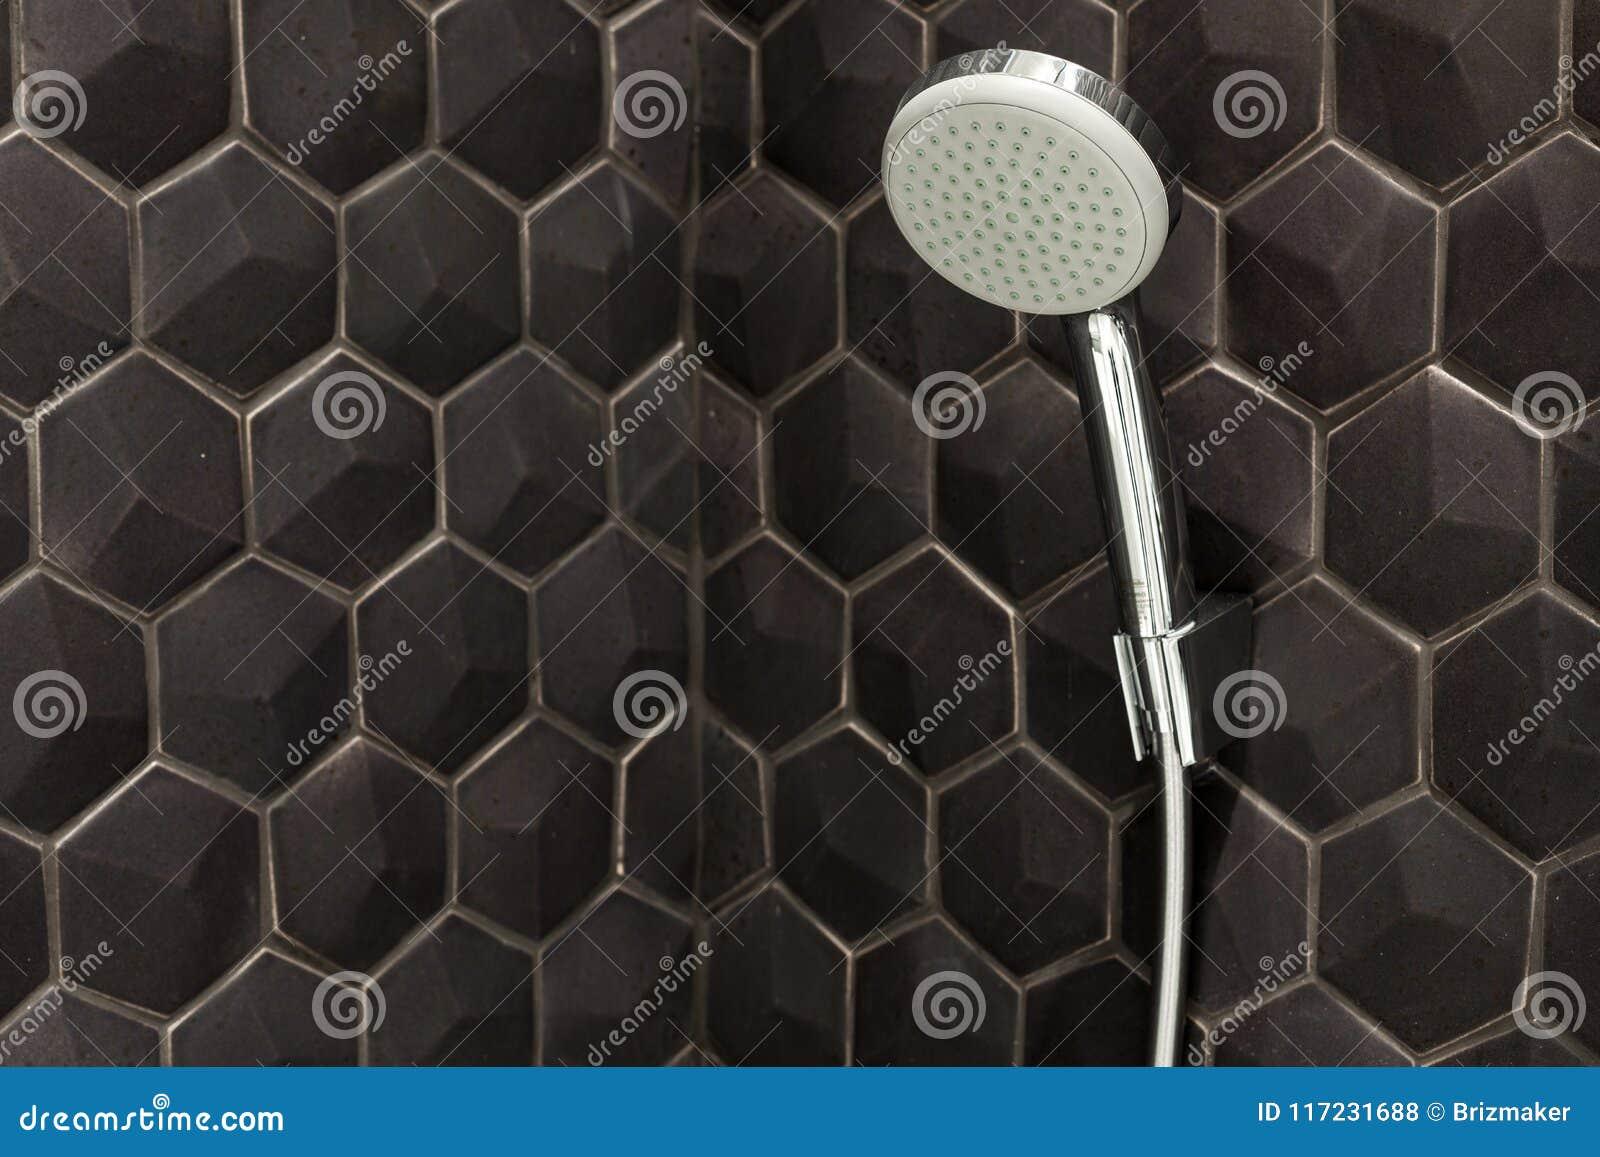 Fermez-vous du nouveau pommeau de douche de pluie dans la salle de bains sur un fond des tuiles noires